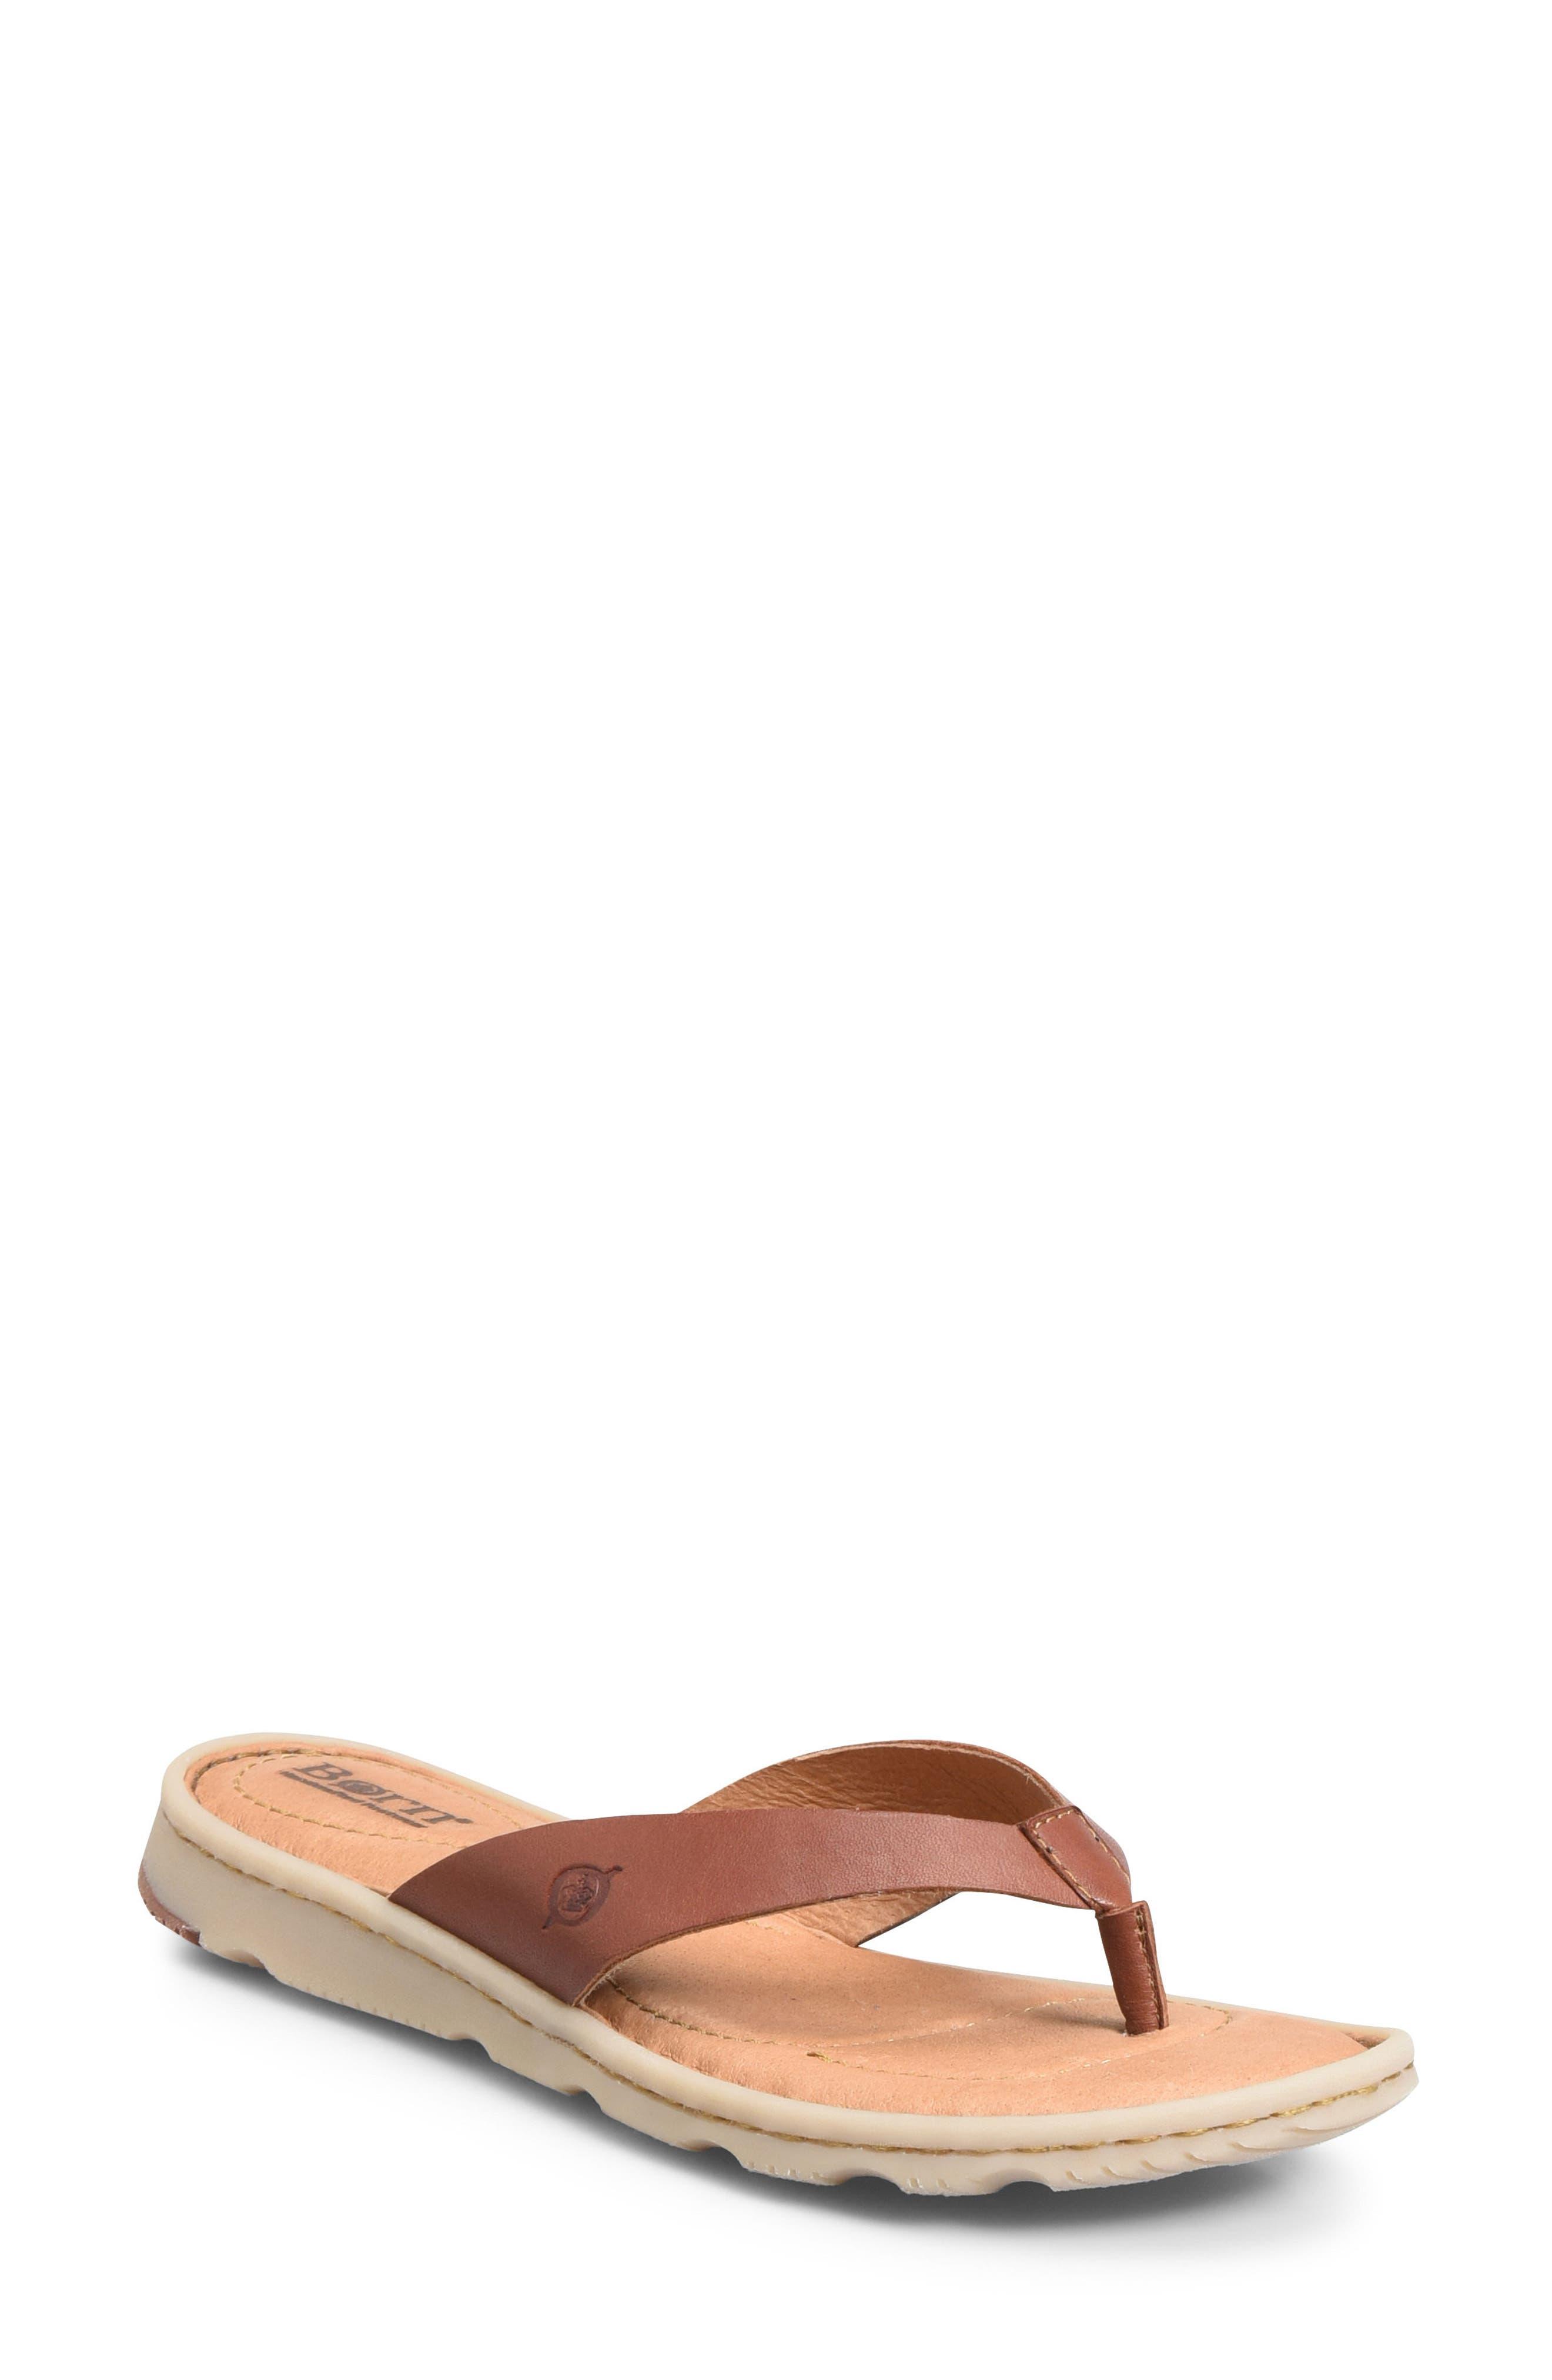 Tobago Flip Flop,                         Main,                         color,